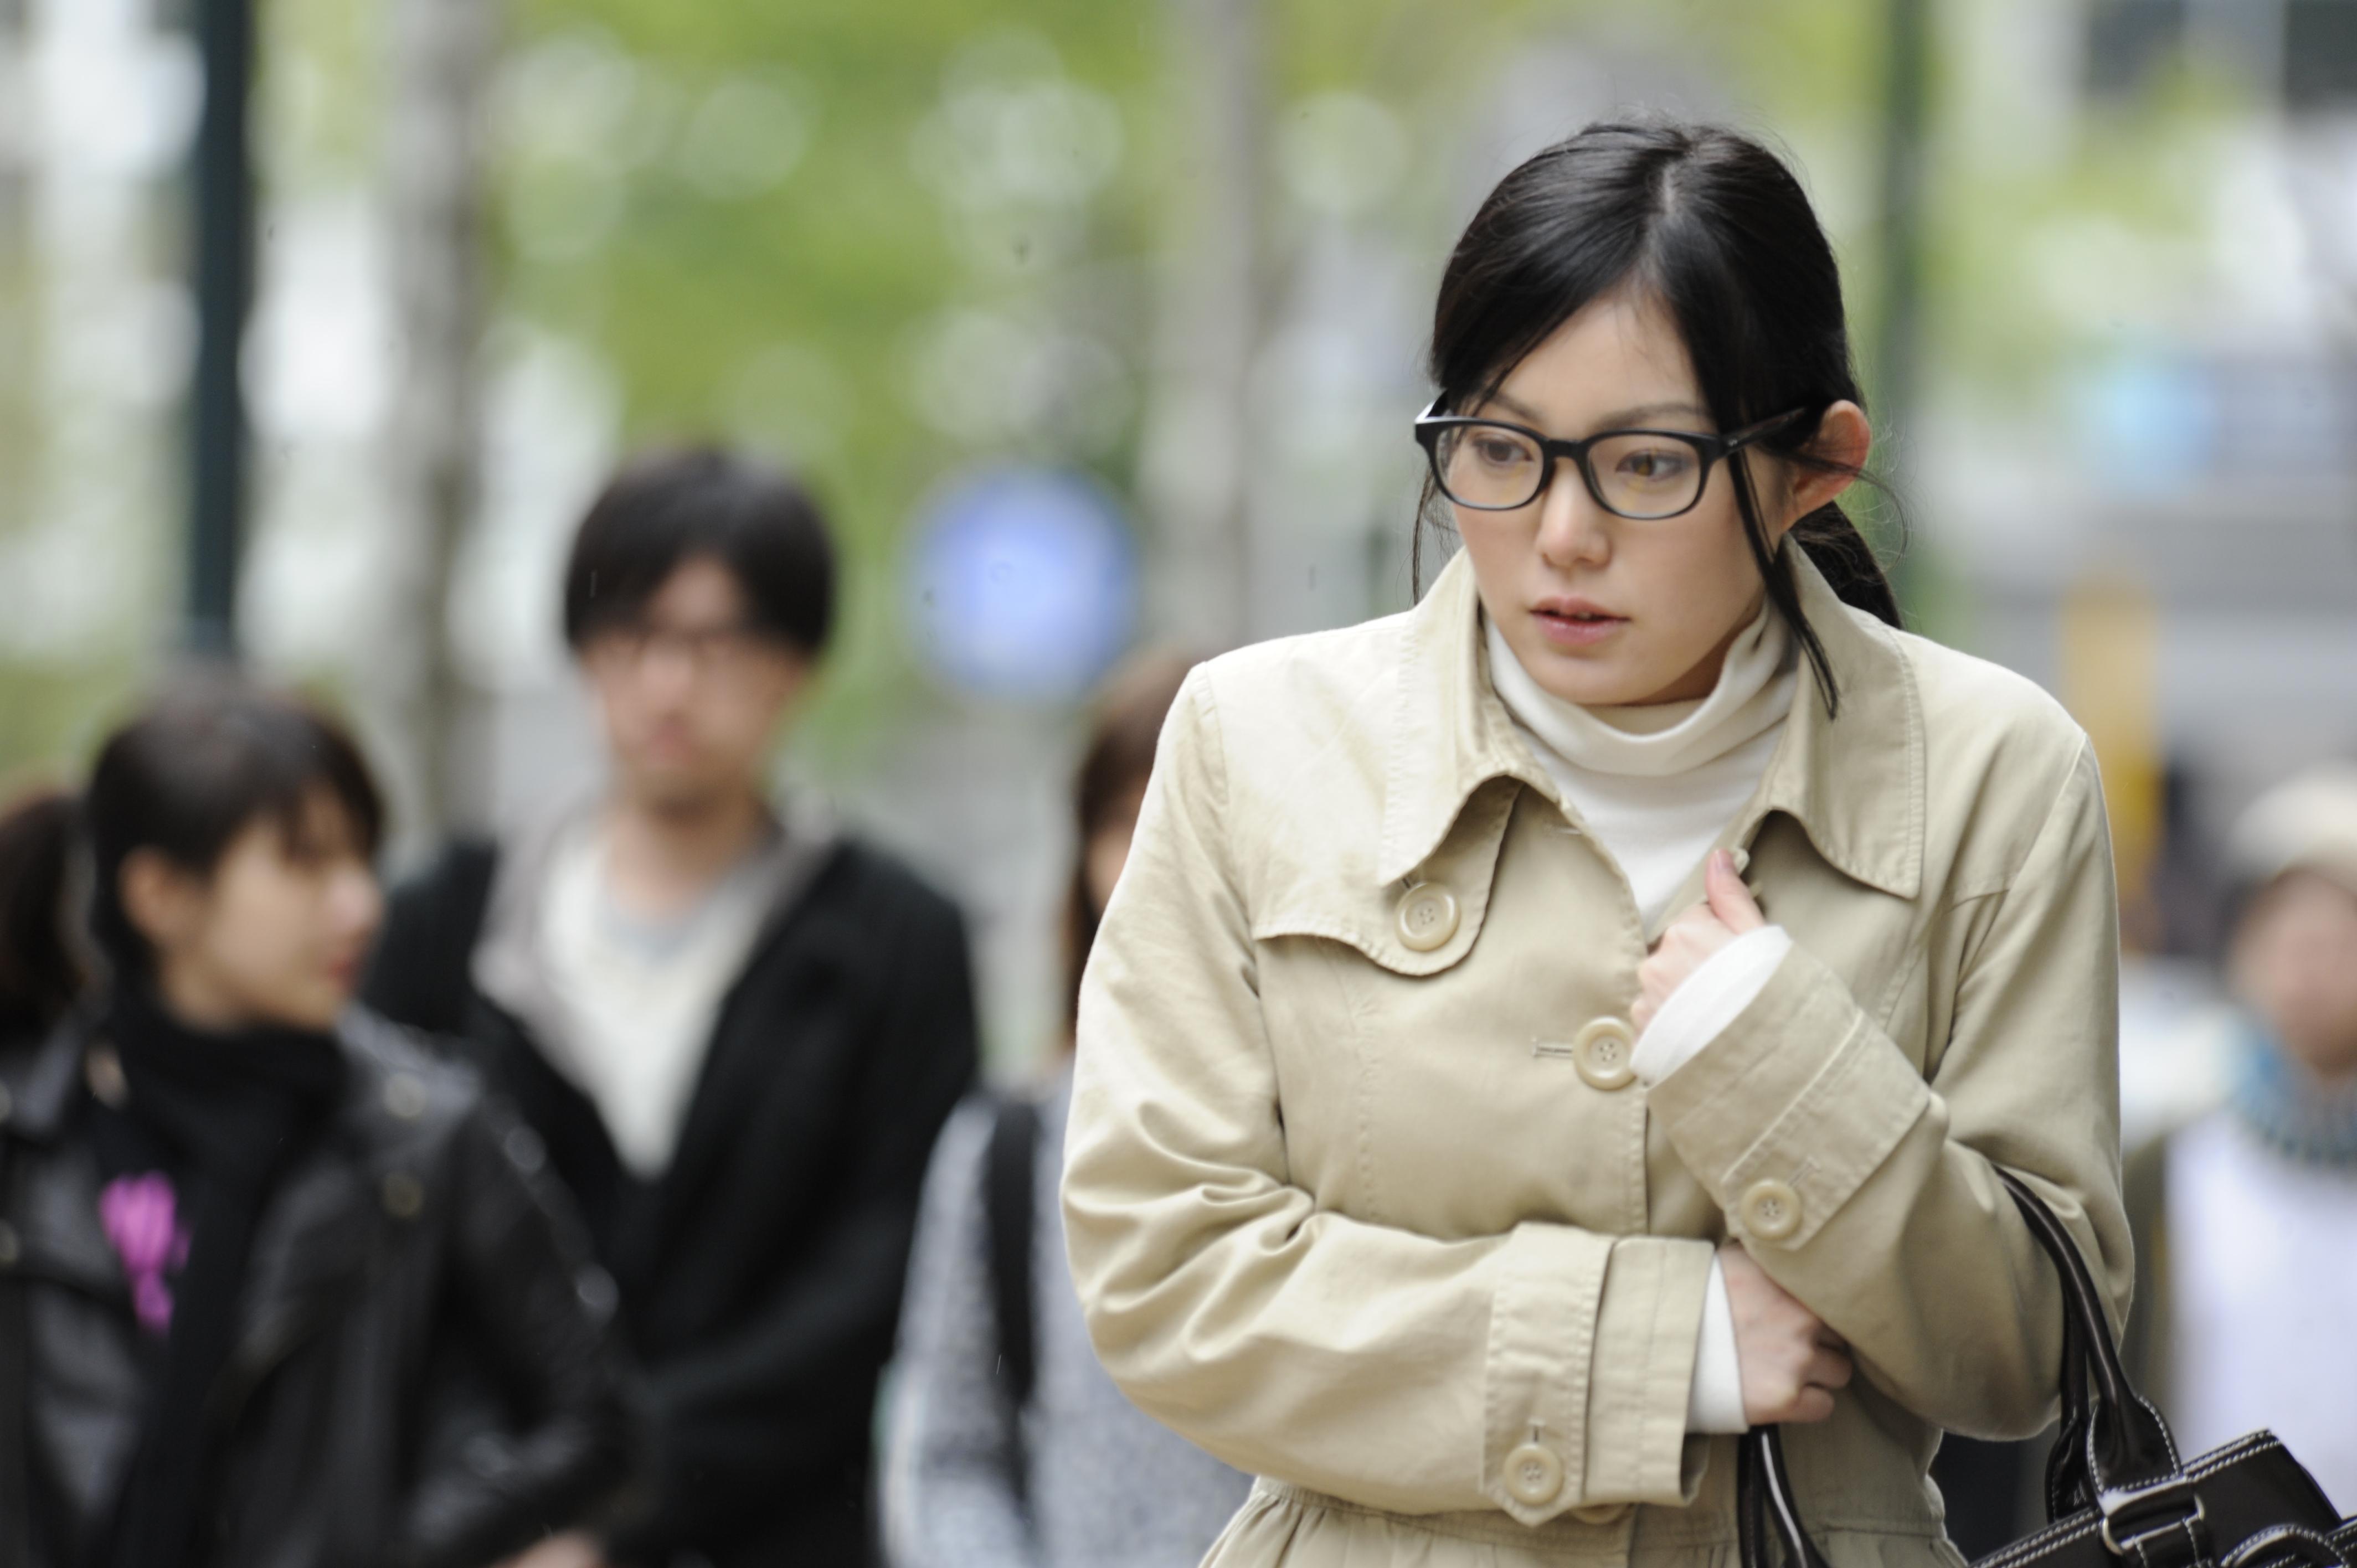 Молодой скромной офисной девушке прохожий на улице делает предложение попробовать себя...